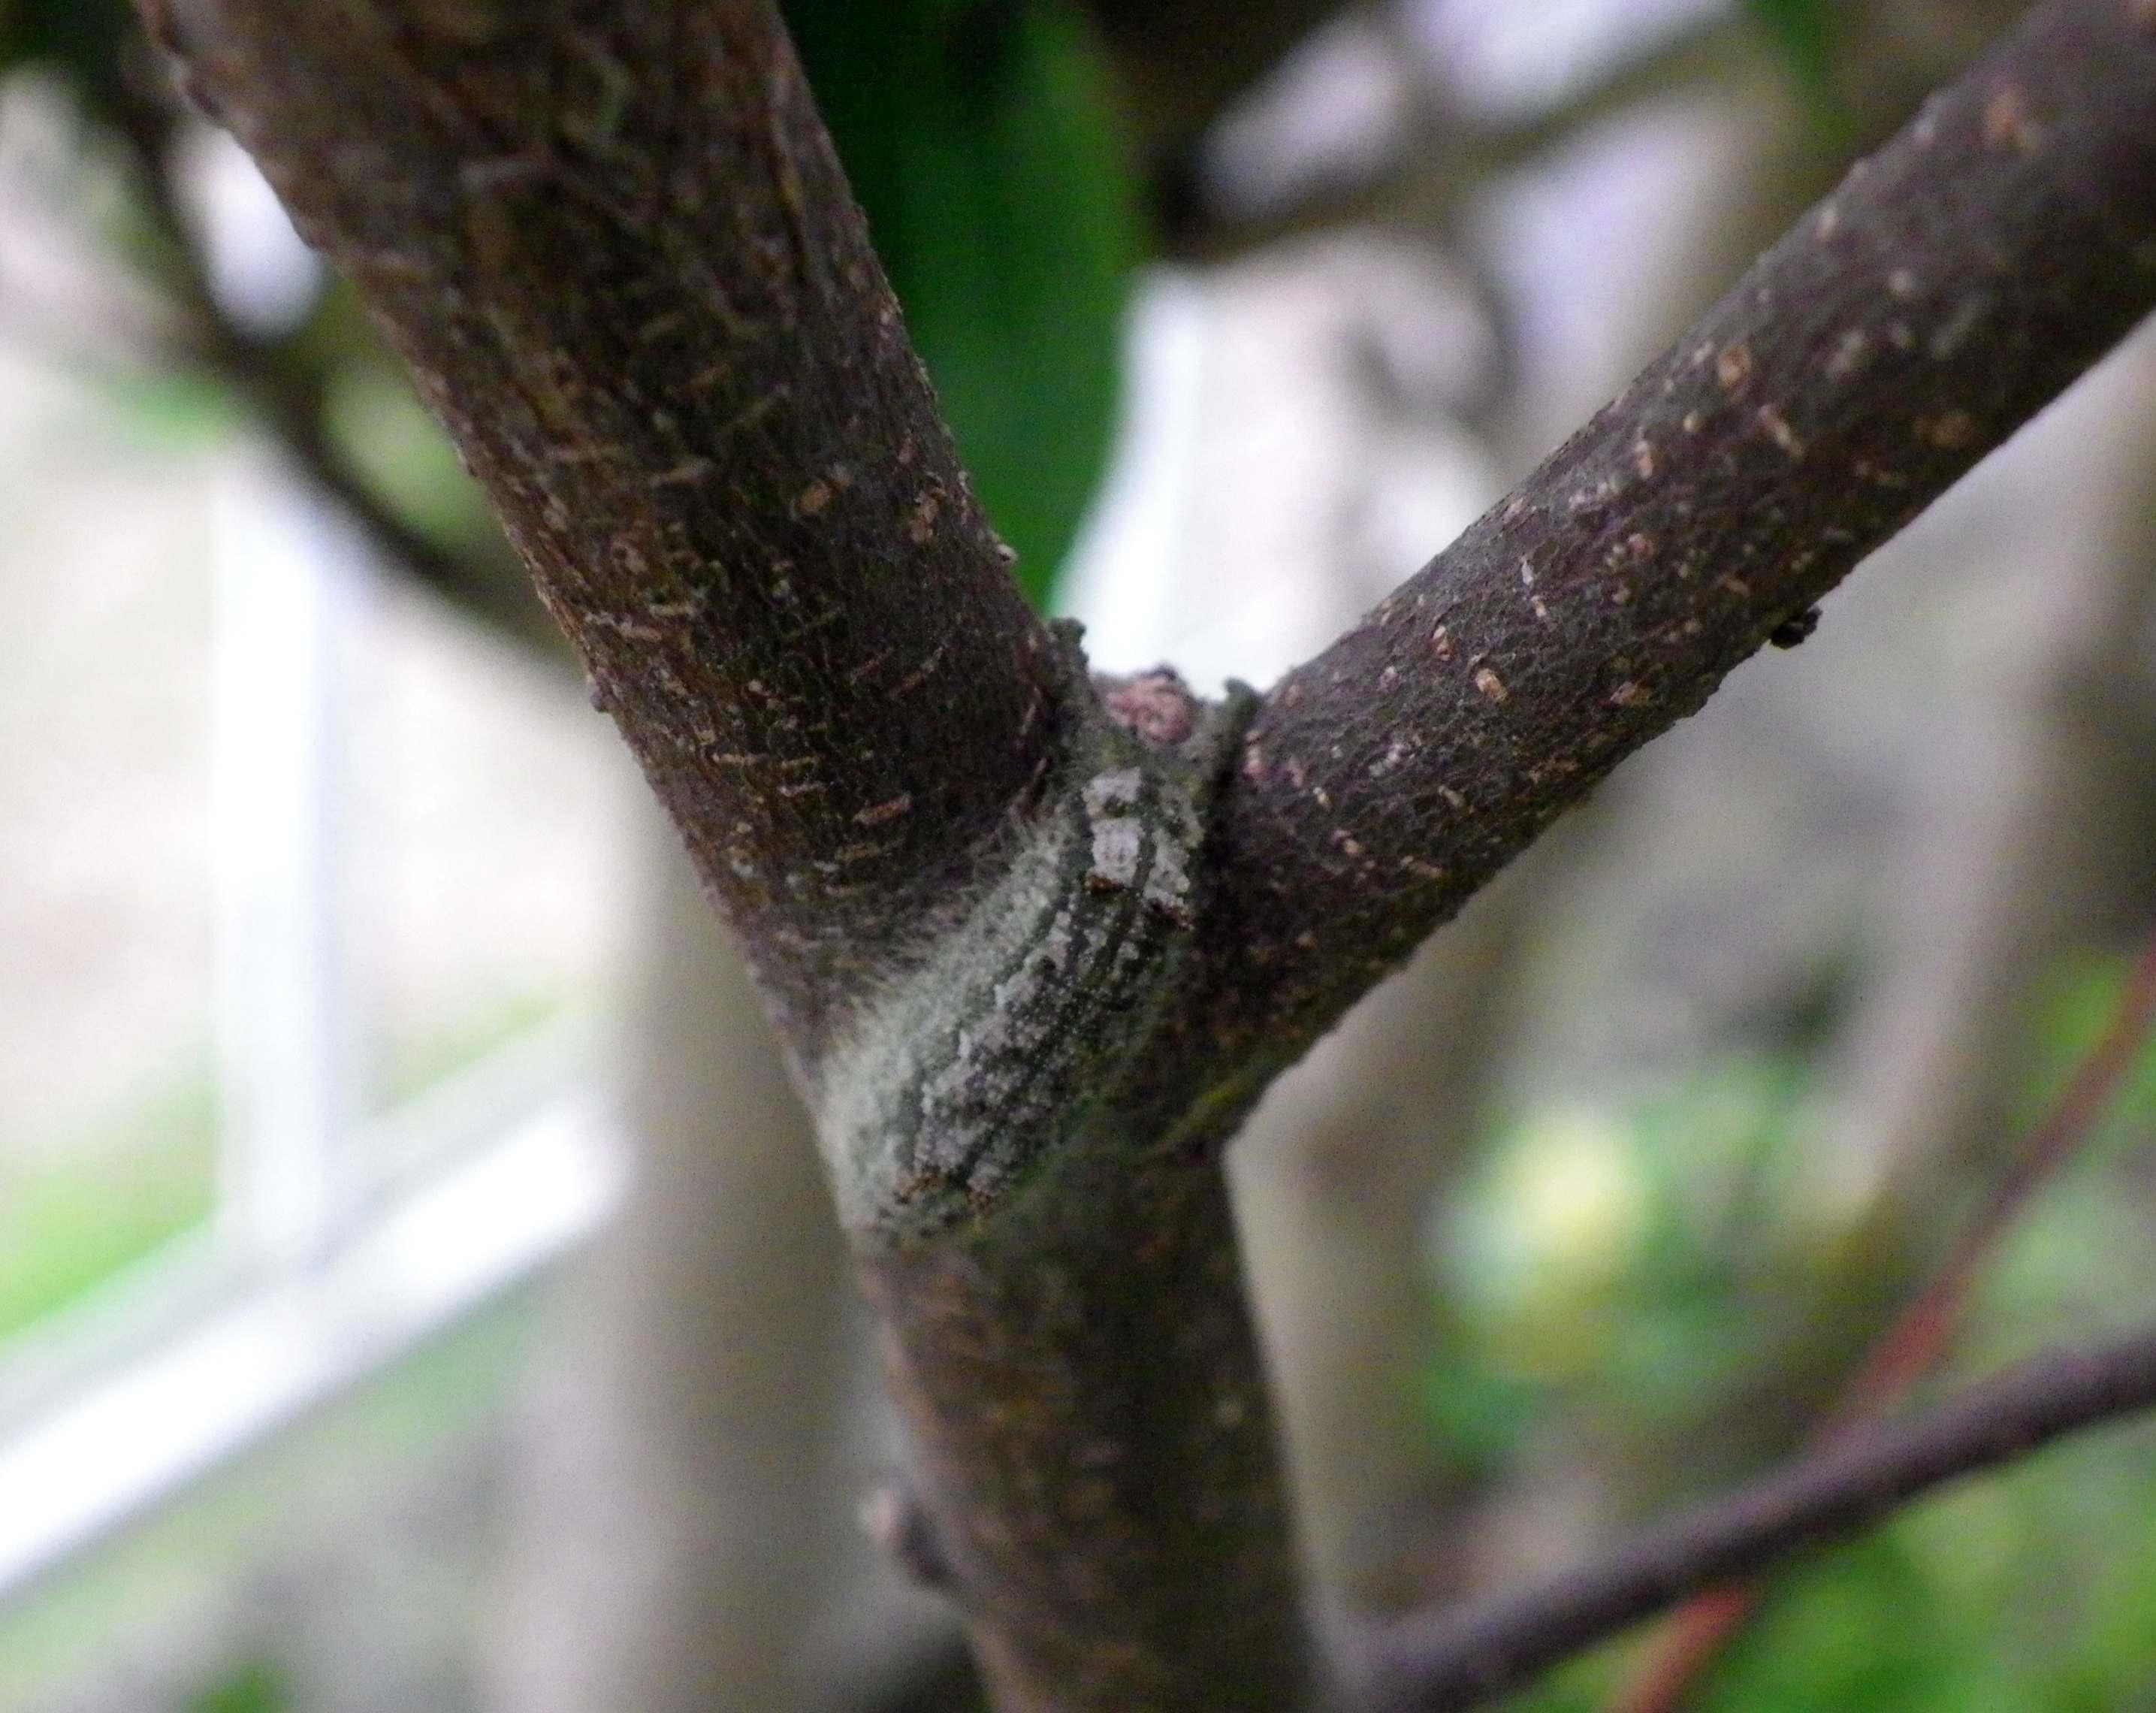 ウラゴマダラシジミ他 庭の幼虫達_d0254540_1612694.jpg